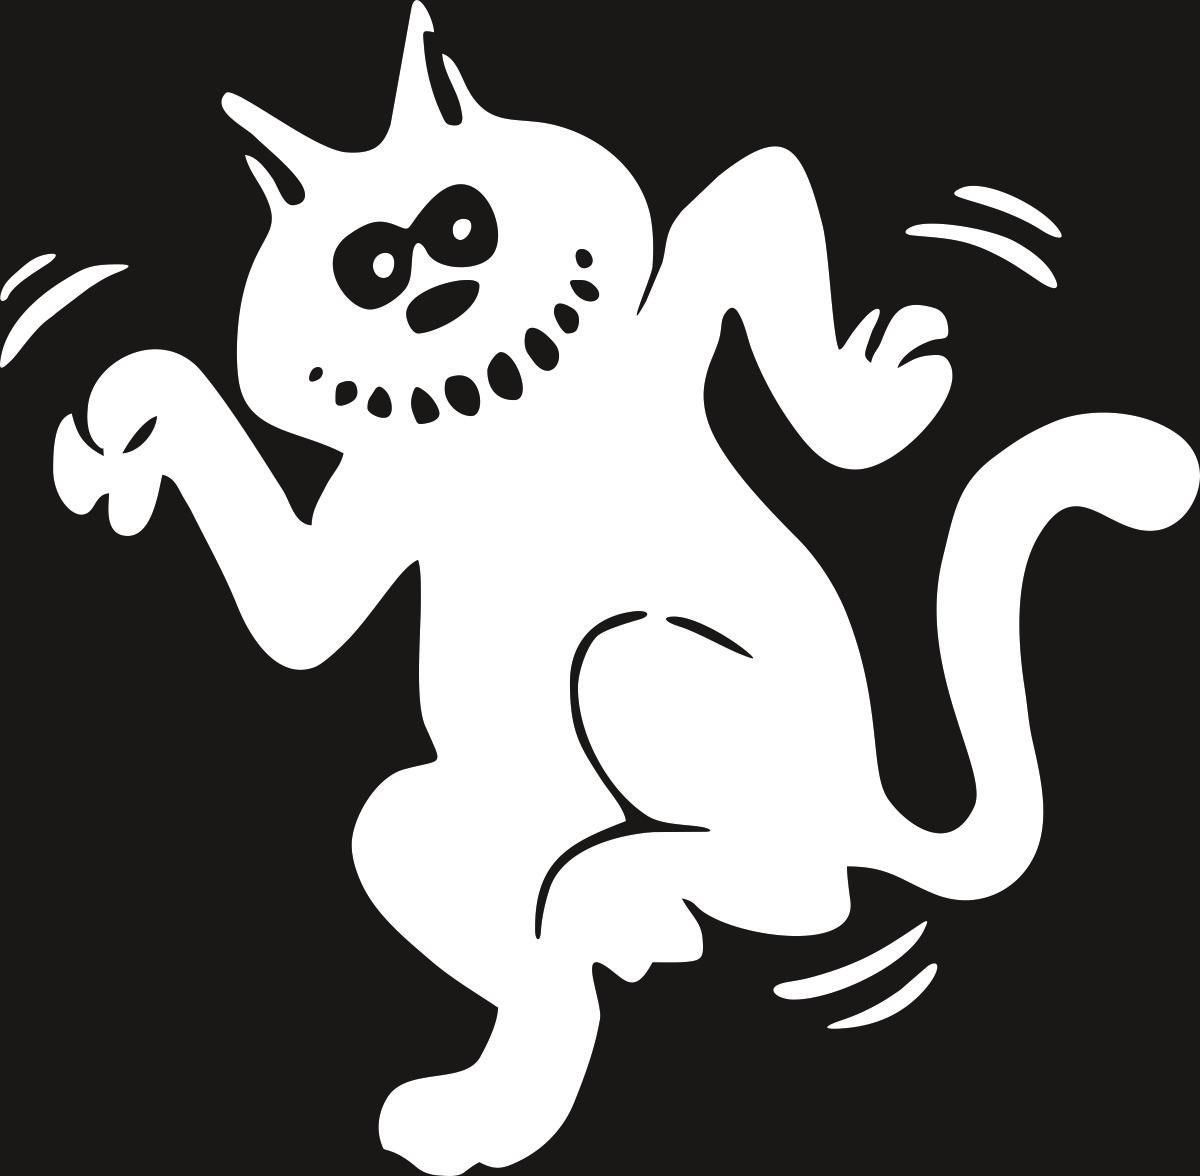 Виниловая наклейка Оранжевый Слоник Танцующий кот, цвет: белый150PR00035WНаклейки изготавливаются из долговечного винила, выполняет декоративную функцию. Клеится на стекло или элемент кузова.